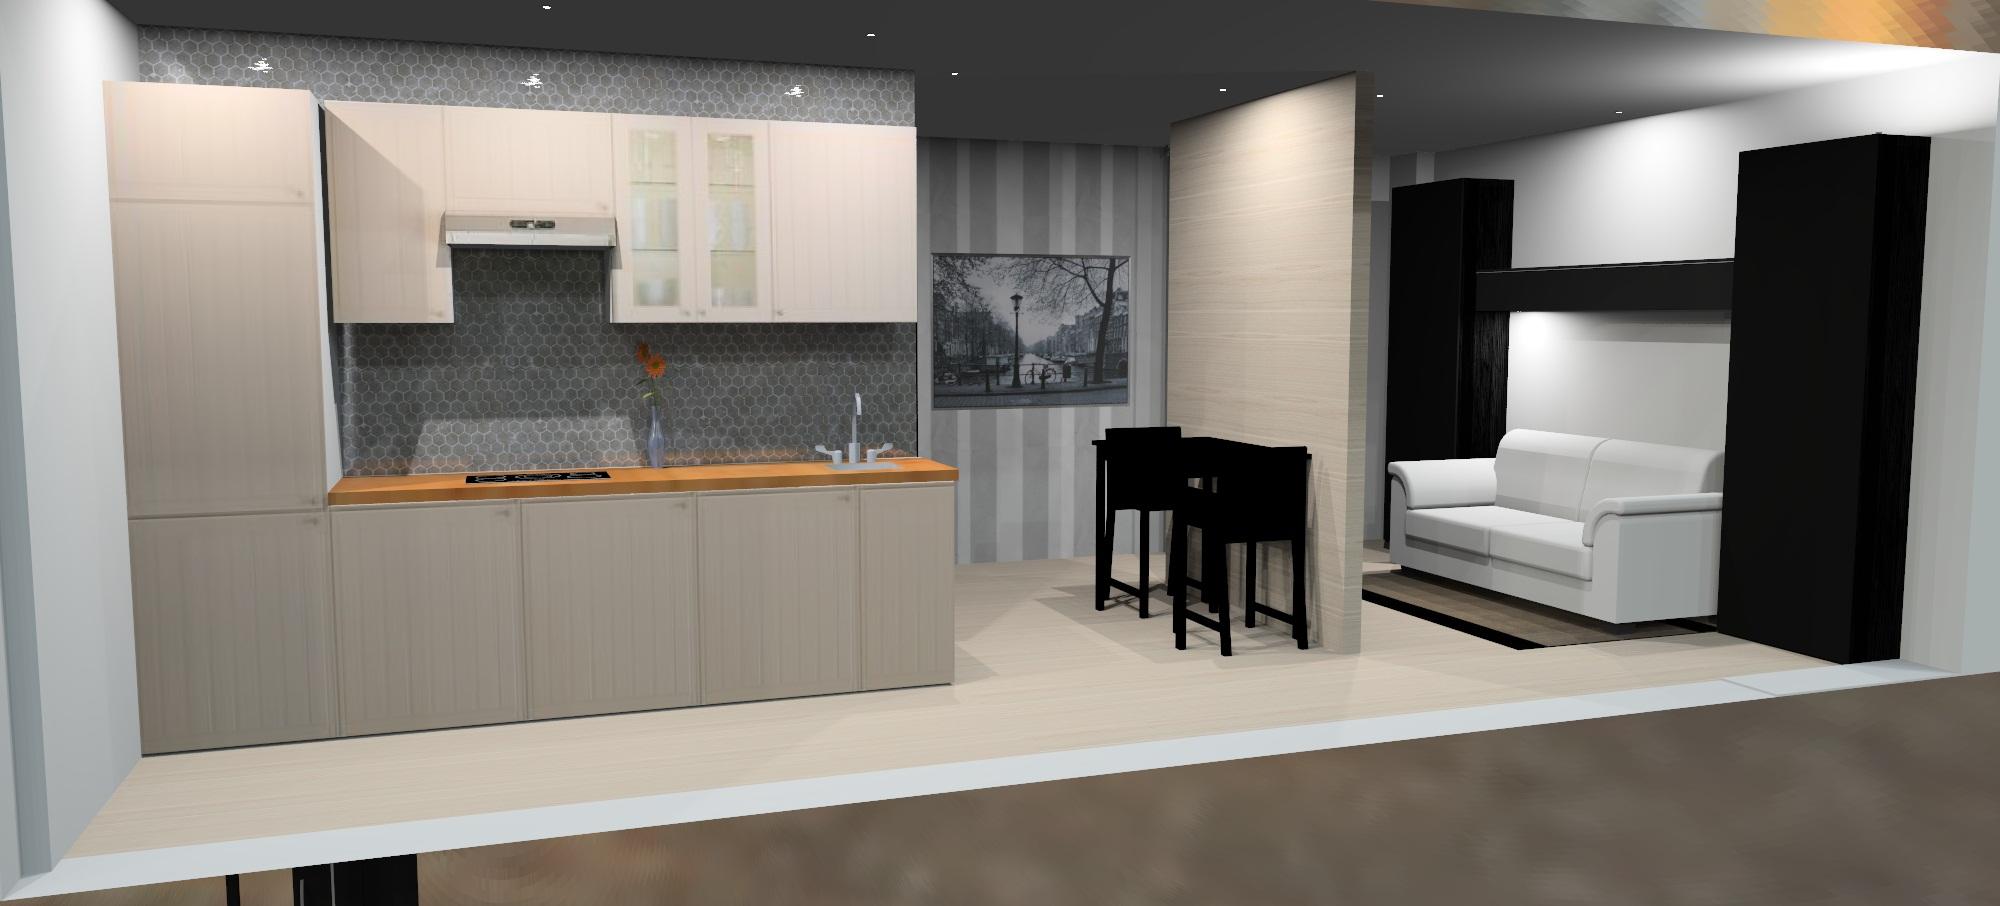 Piso 40m2 domestika for Cocina comedor salon